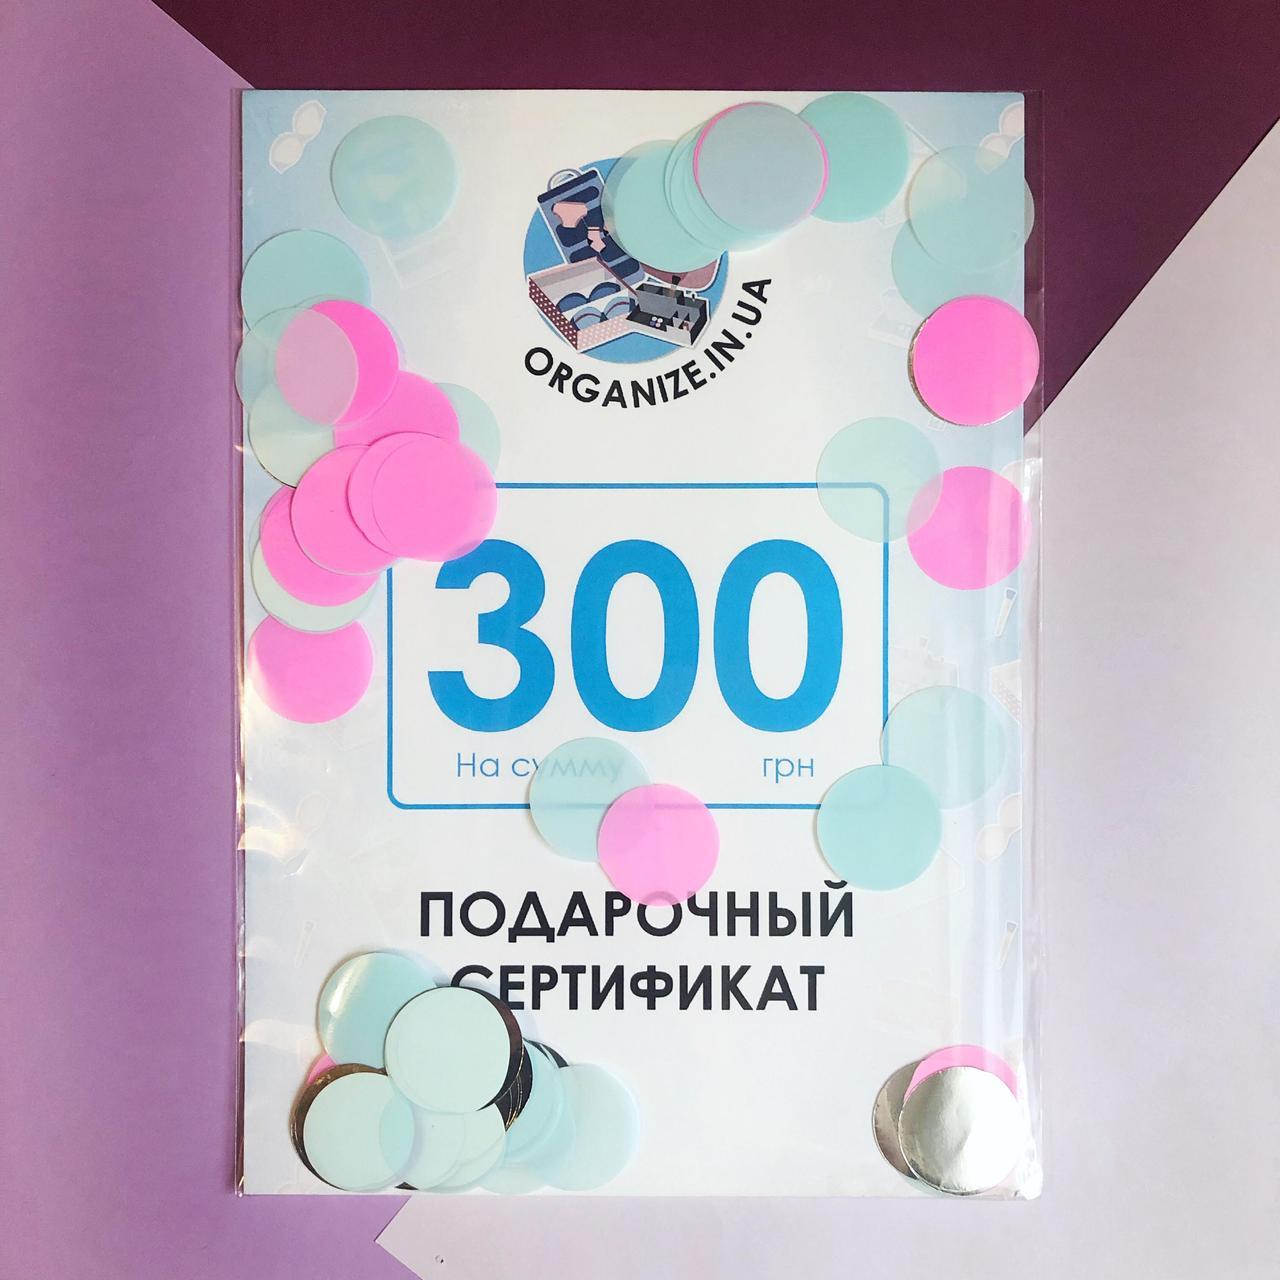 Подарочный сертификат на 300 грн на органайзеры